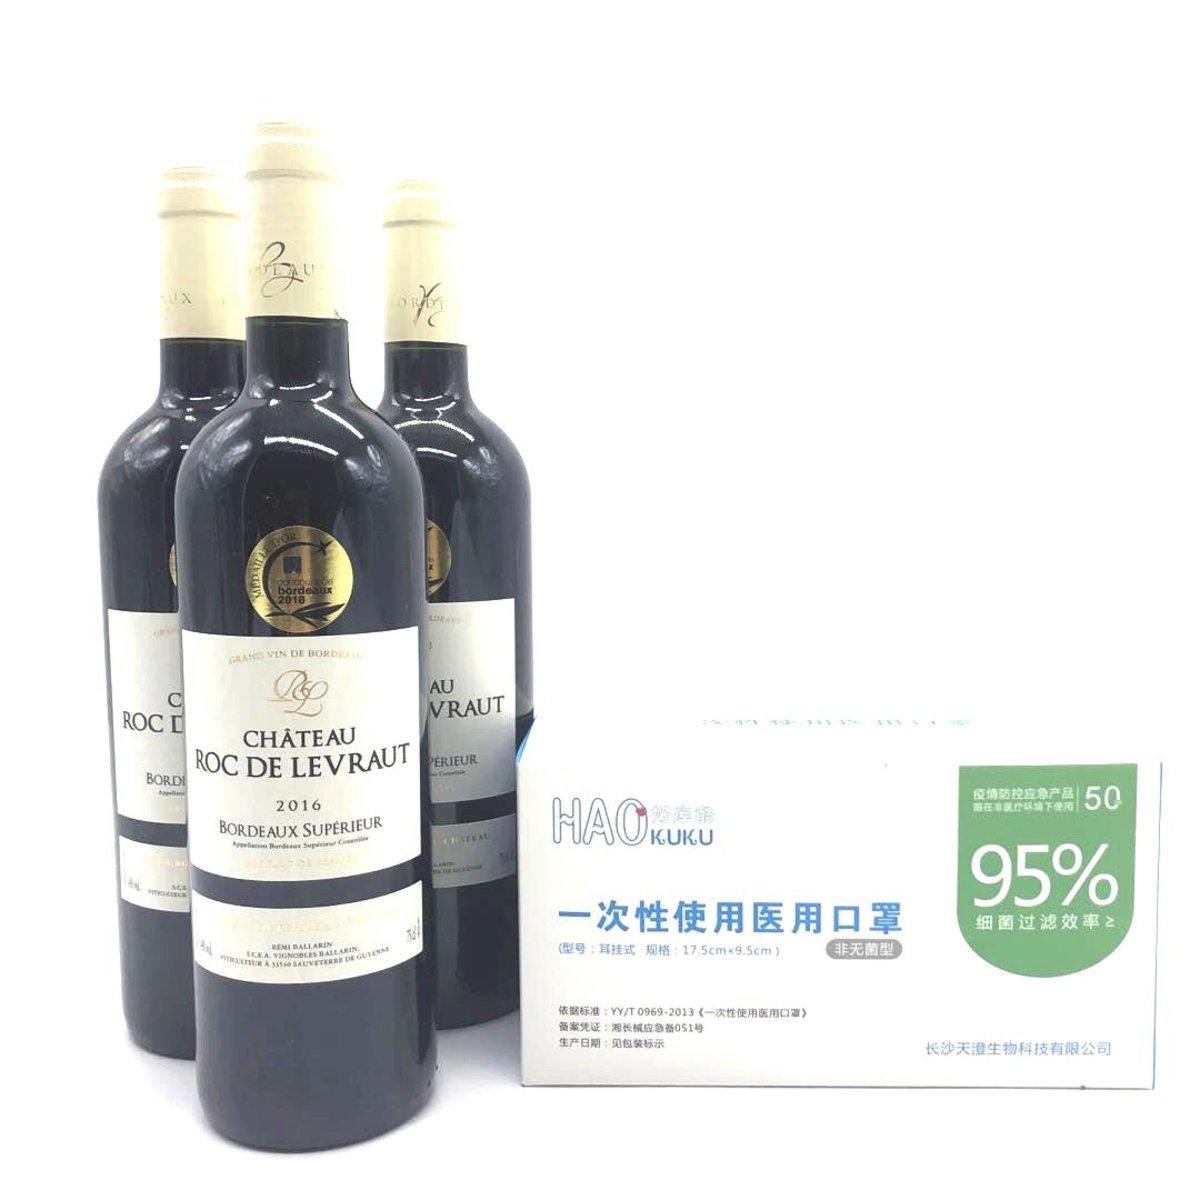 Ch Roc de Levraut Bordeaux Superieur 2016 ×3瓶(贈送好庫酷-一次性防護口罩一盒50個)